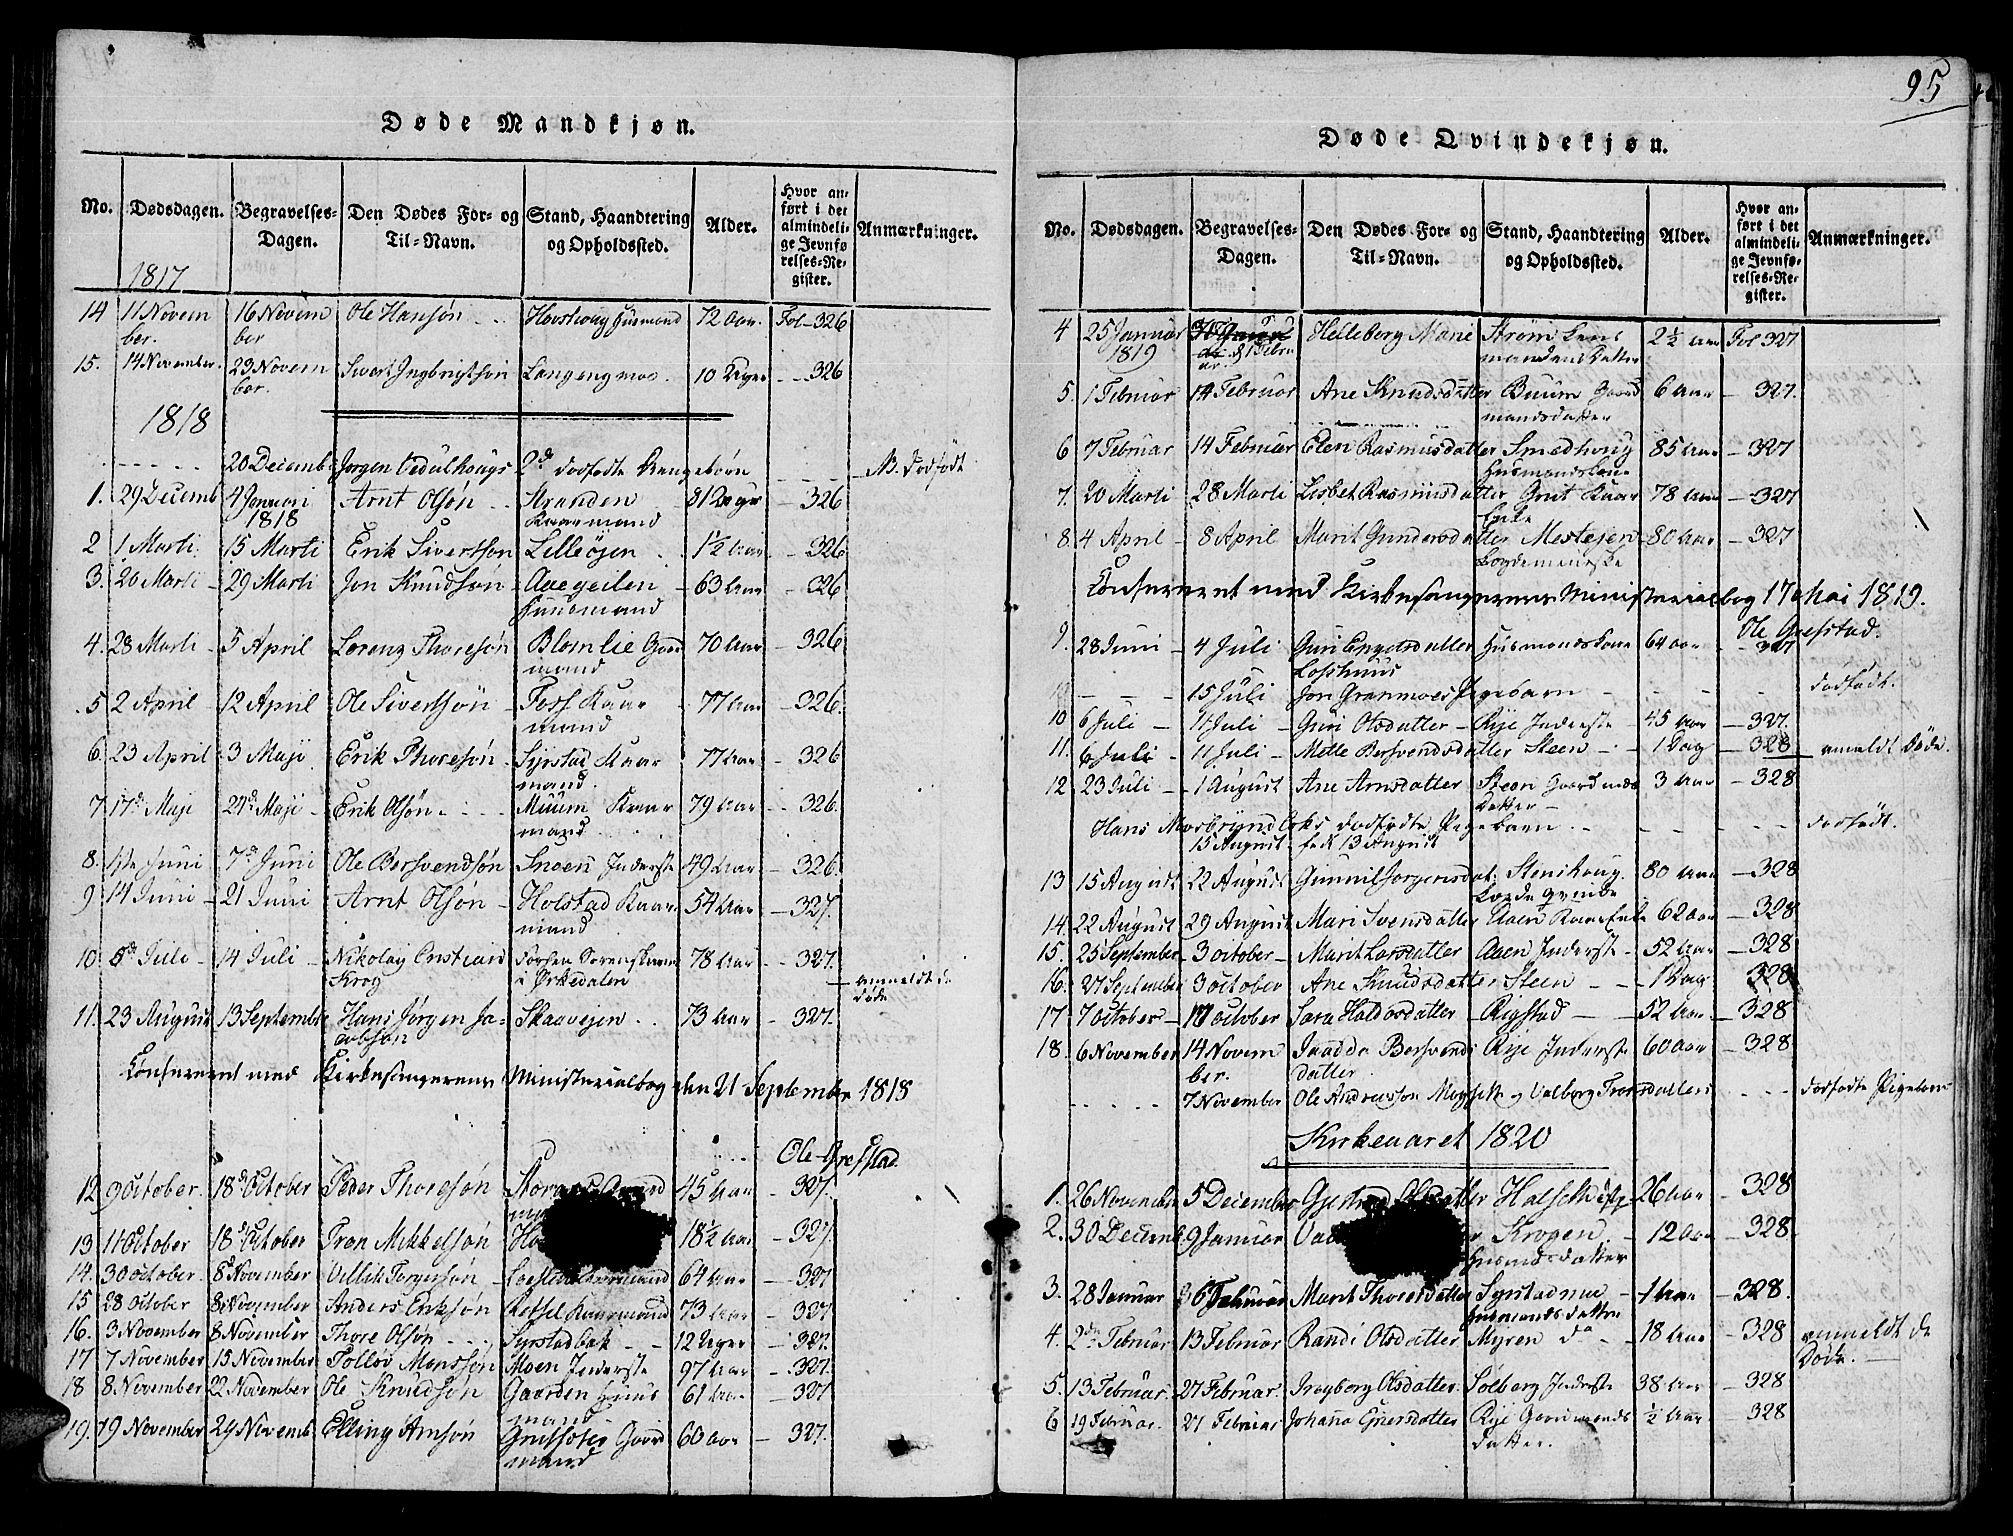 SAT, Ministerialprotokoller, klokkerbøker og fødselsregistre - Sør-Trøndelag, 672/L0853: Ministerialbok nr. 672A06 /1, 1816-1829, s. 95